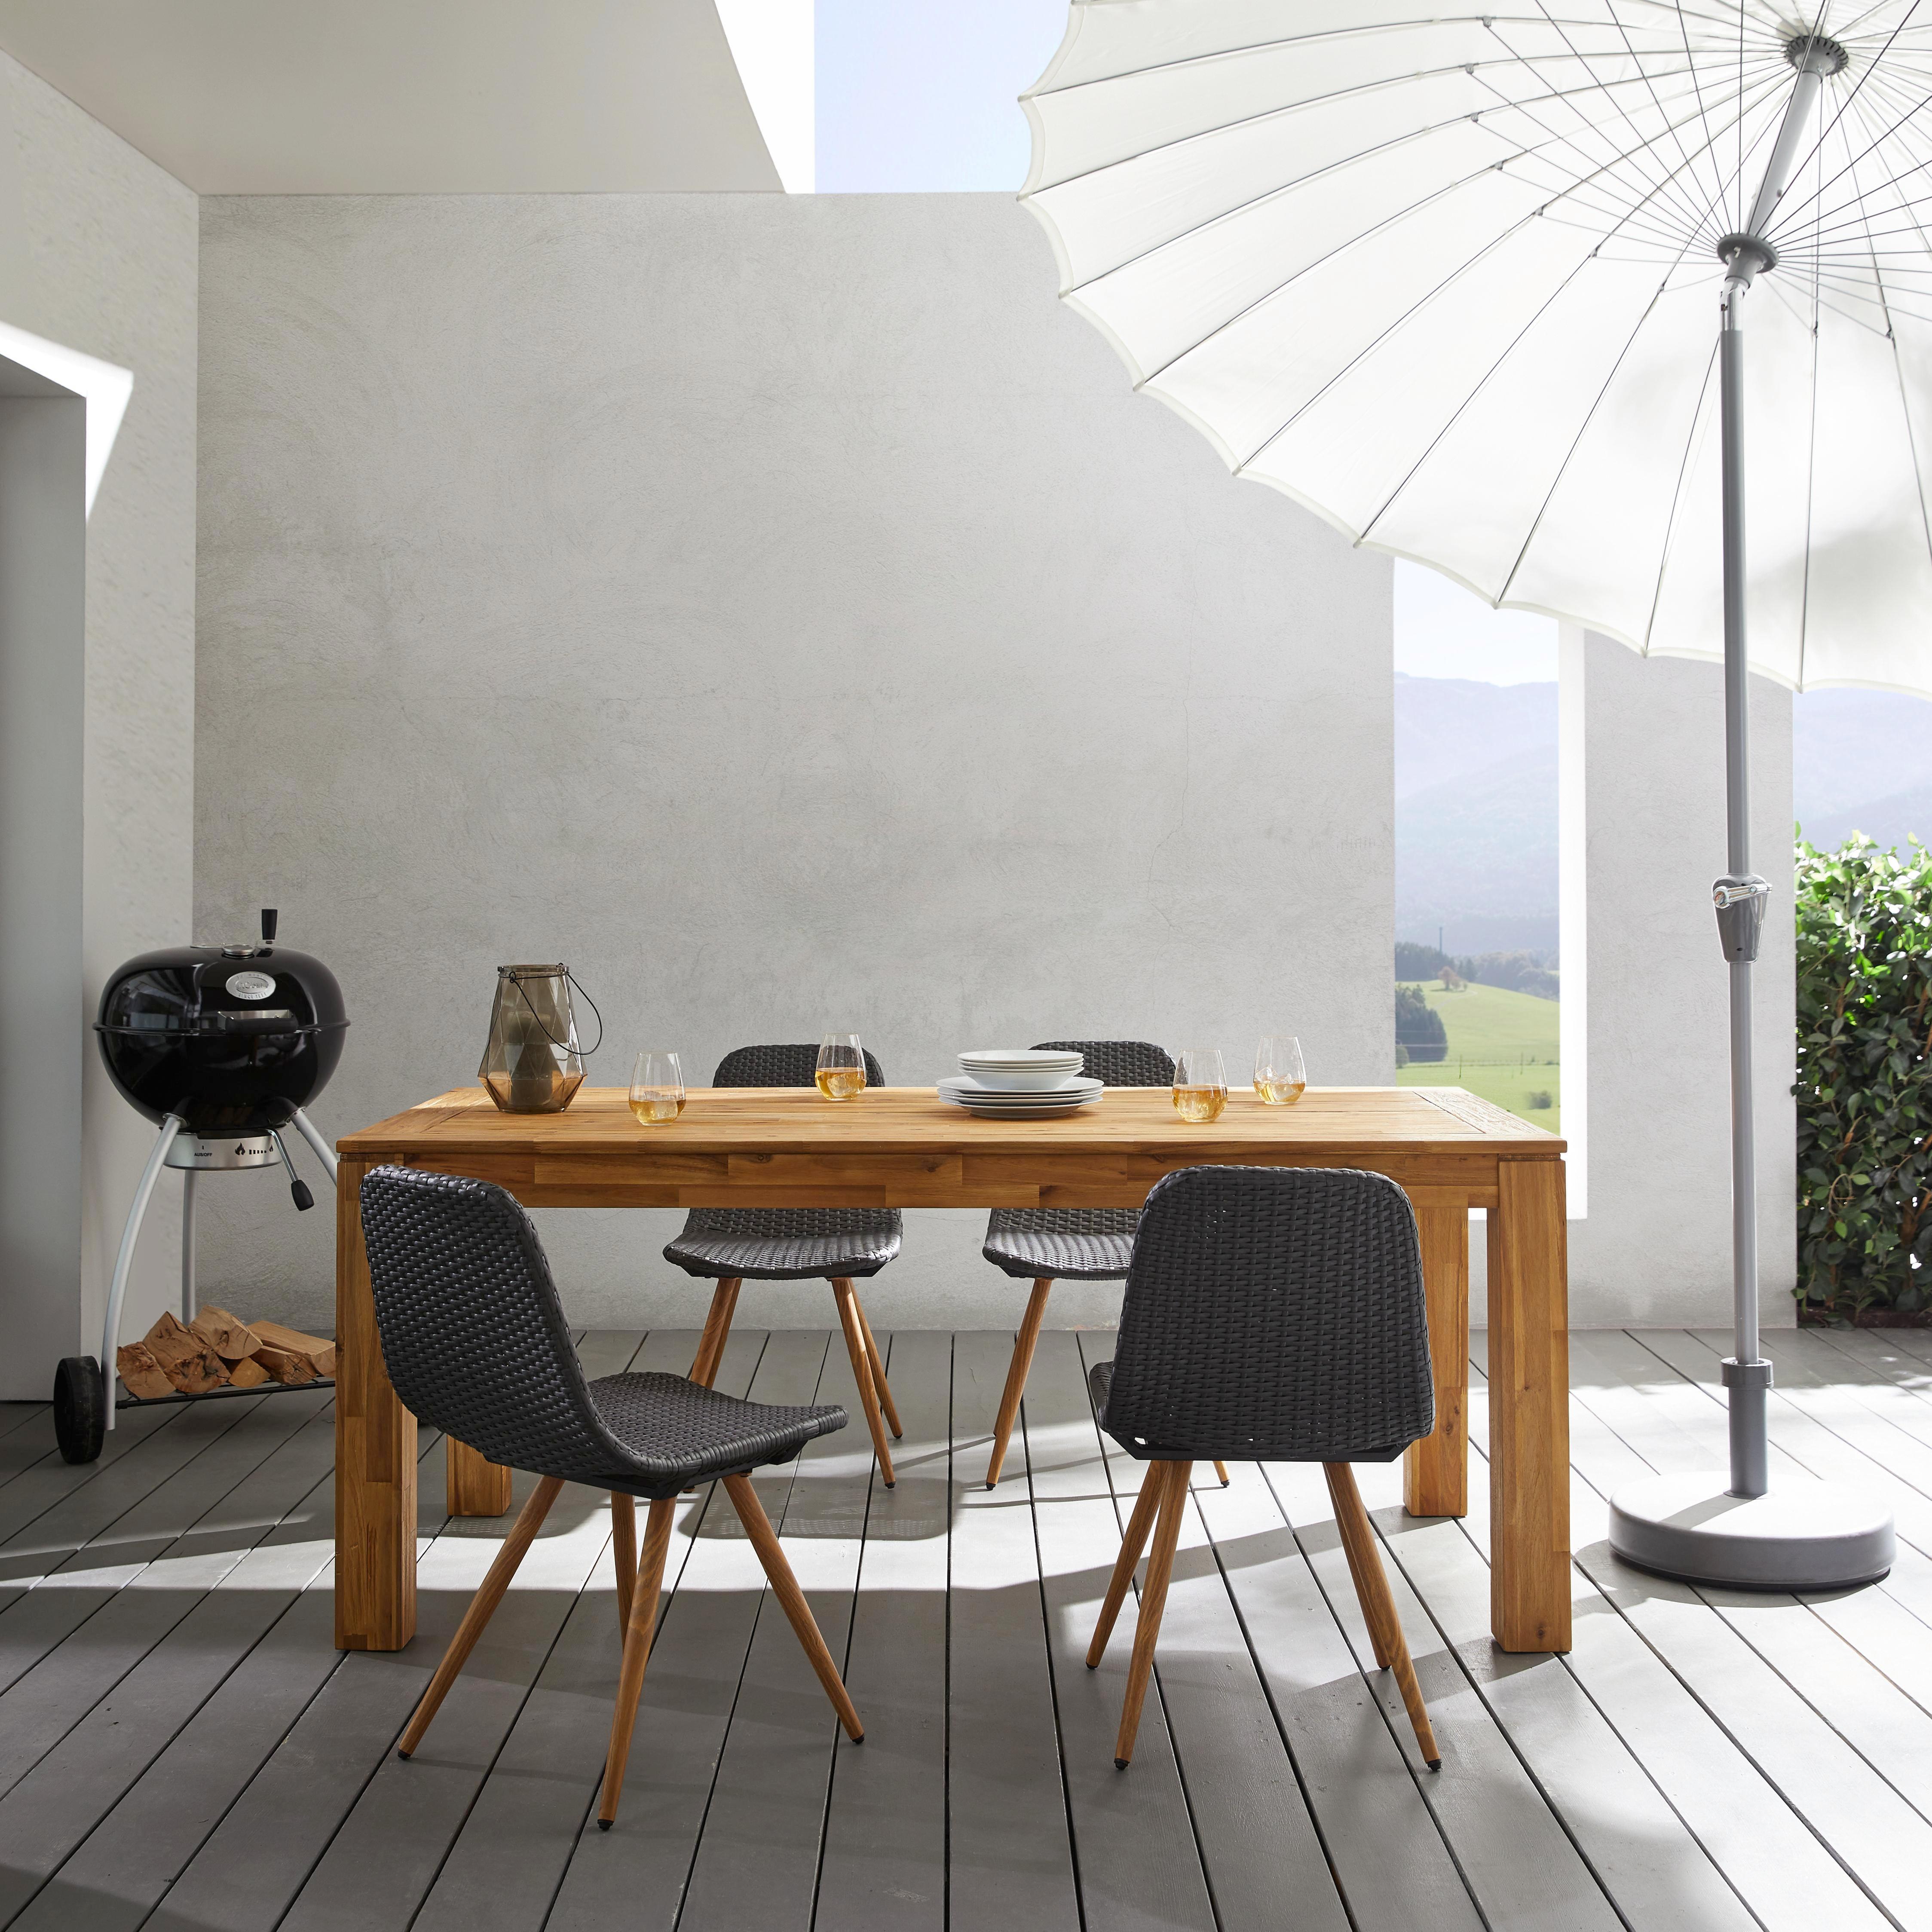 Sonnenschirm Asia - Alufarben/Weiß, KONVENTIONELL, Metall (270/240/270cm) - MÖMAX modern living